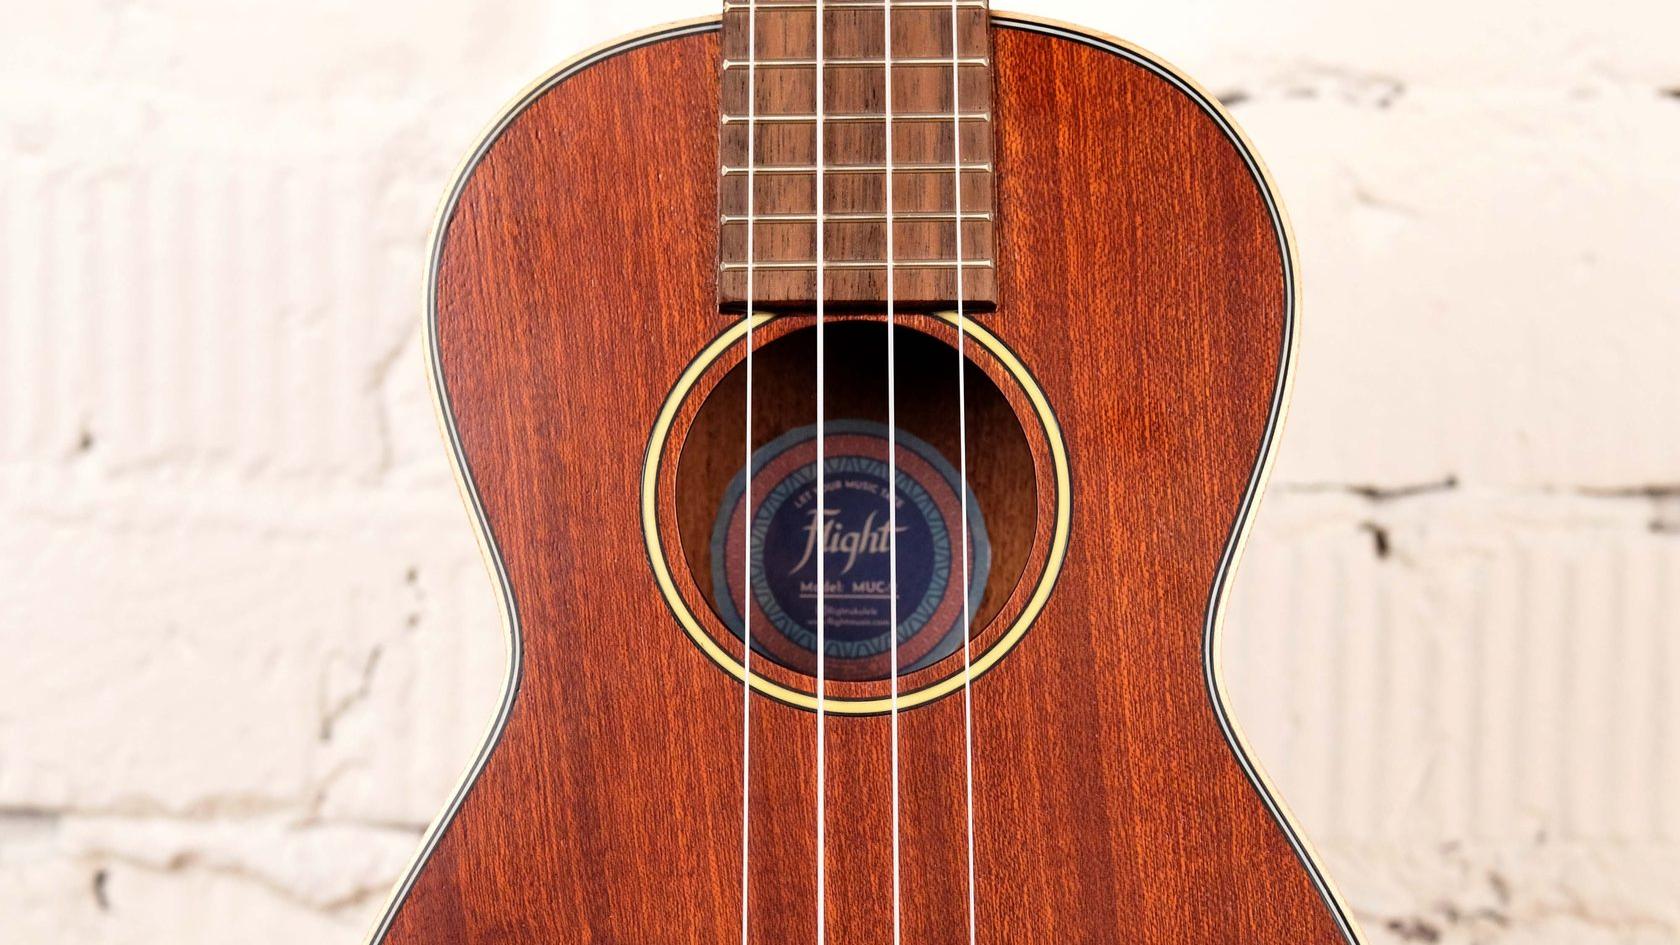 купить укулеле концерт Flight из массива с фирменным чехлом в комплекте в магазине укулеле Ukelovers, укулела, красная укулеле, ukulele concert, укулела